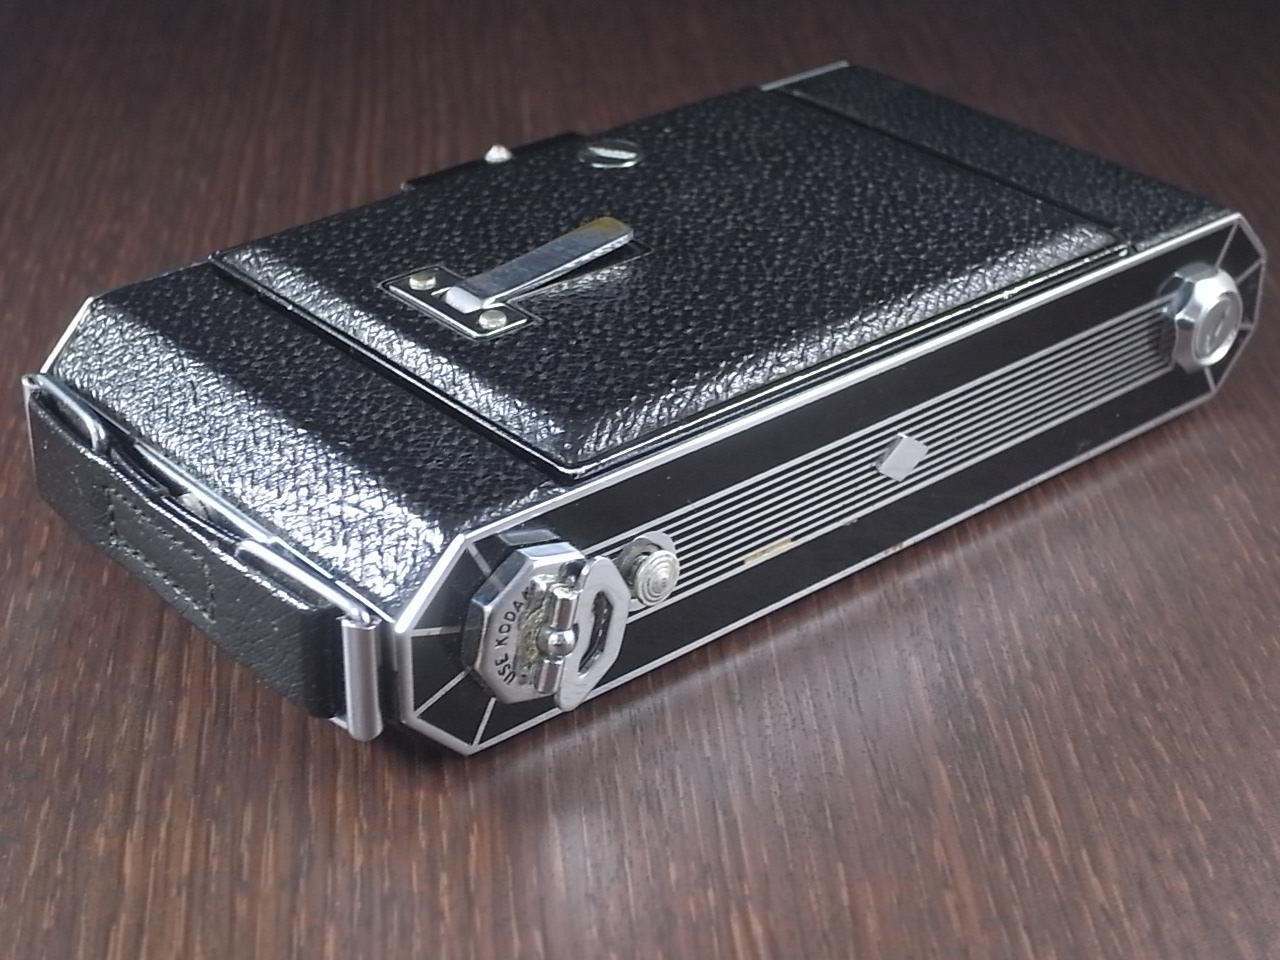 コダック アールデコ 蛇腹カメラ SIX-20 ブラックの写真6枚目